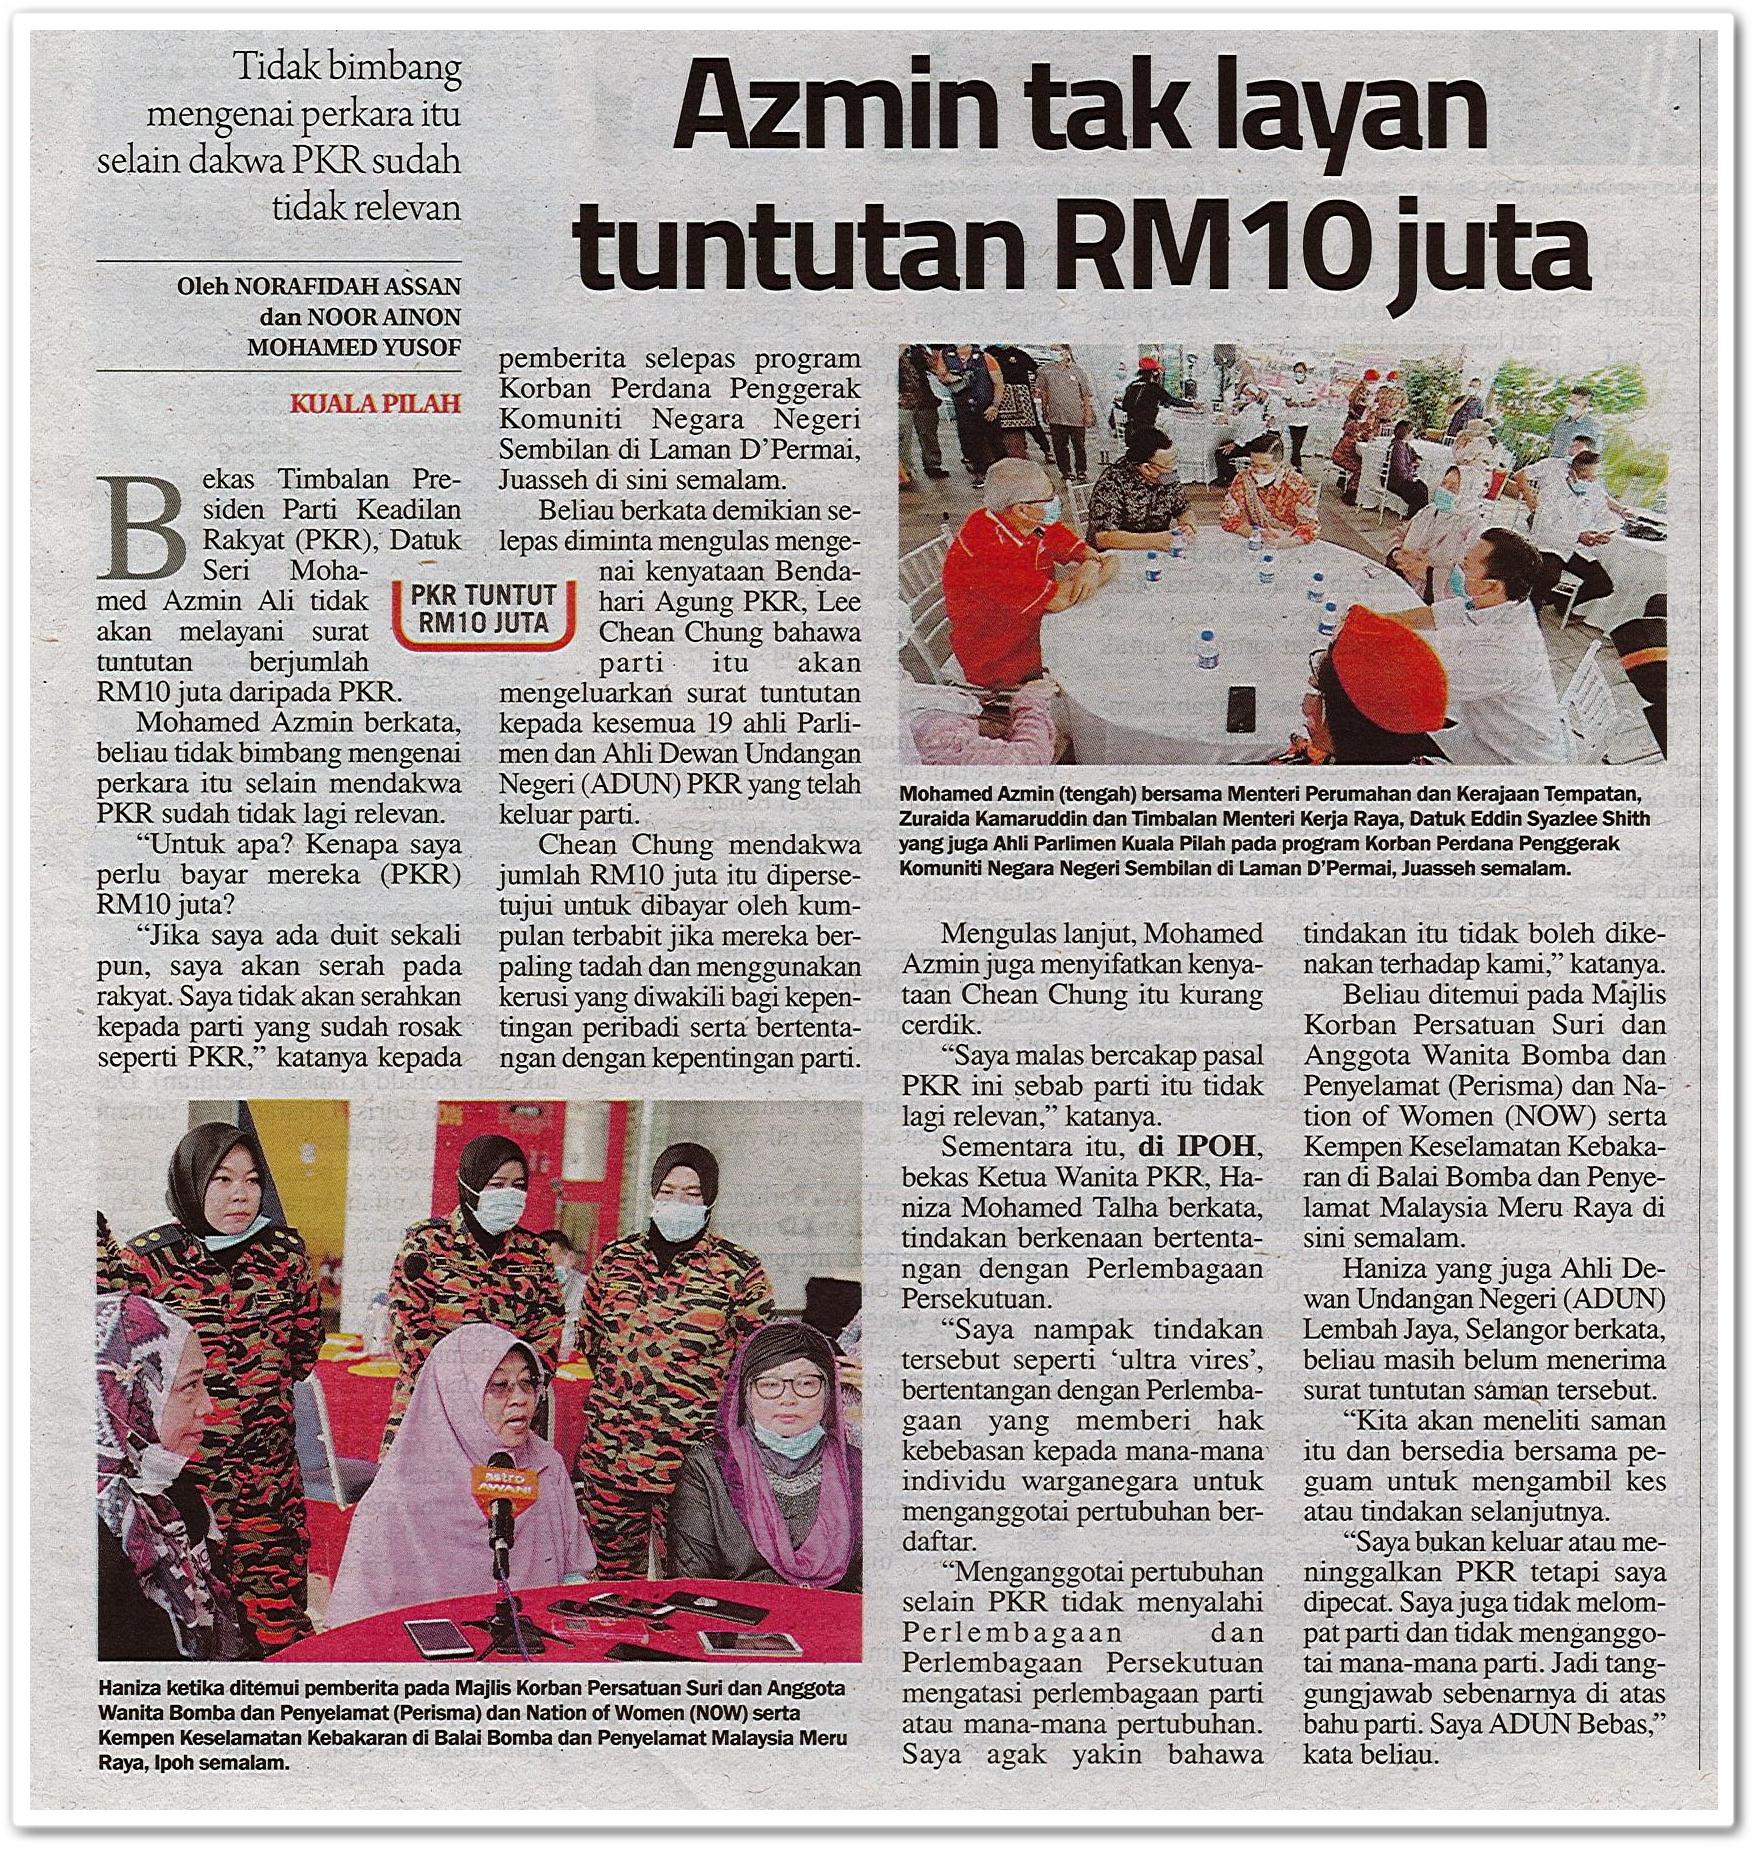 Azmin tak layan tuntutan RM10 juta - Keratan akhbar Sinar harian 2 Ogos 2020